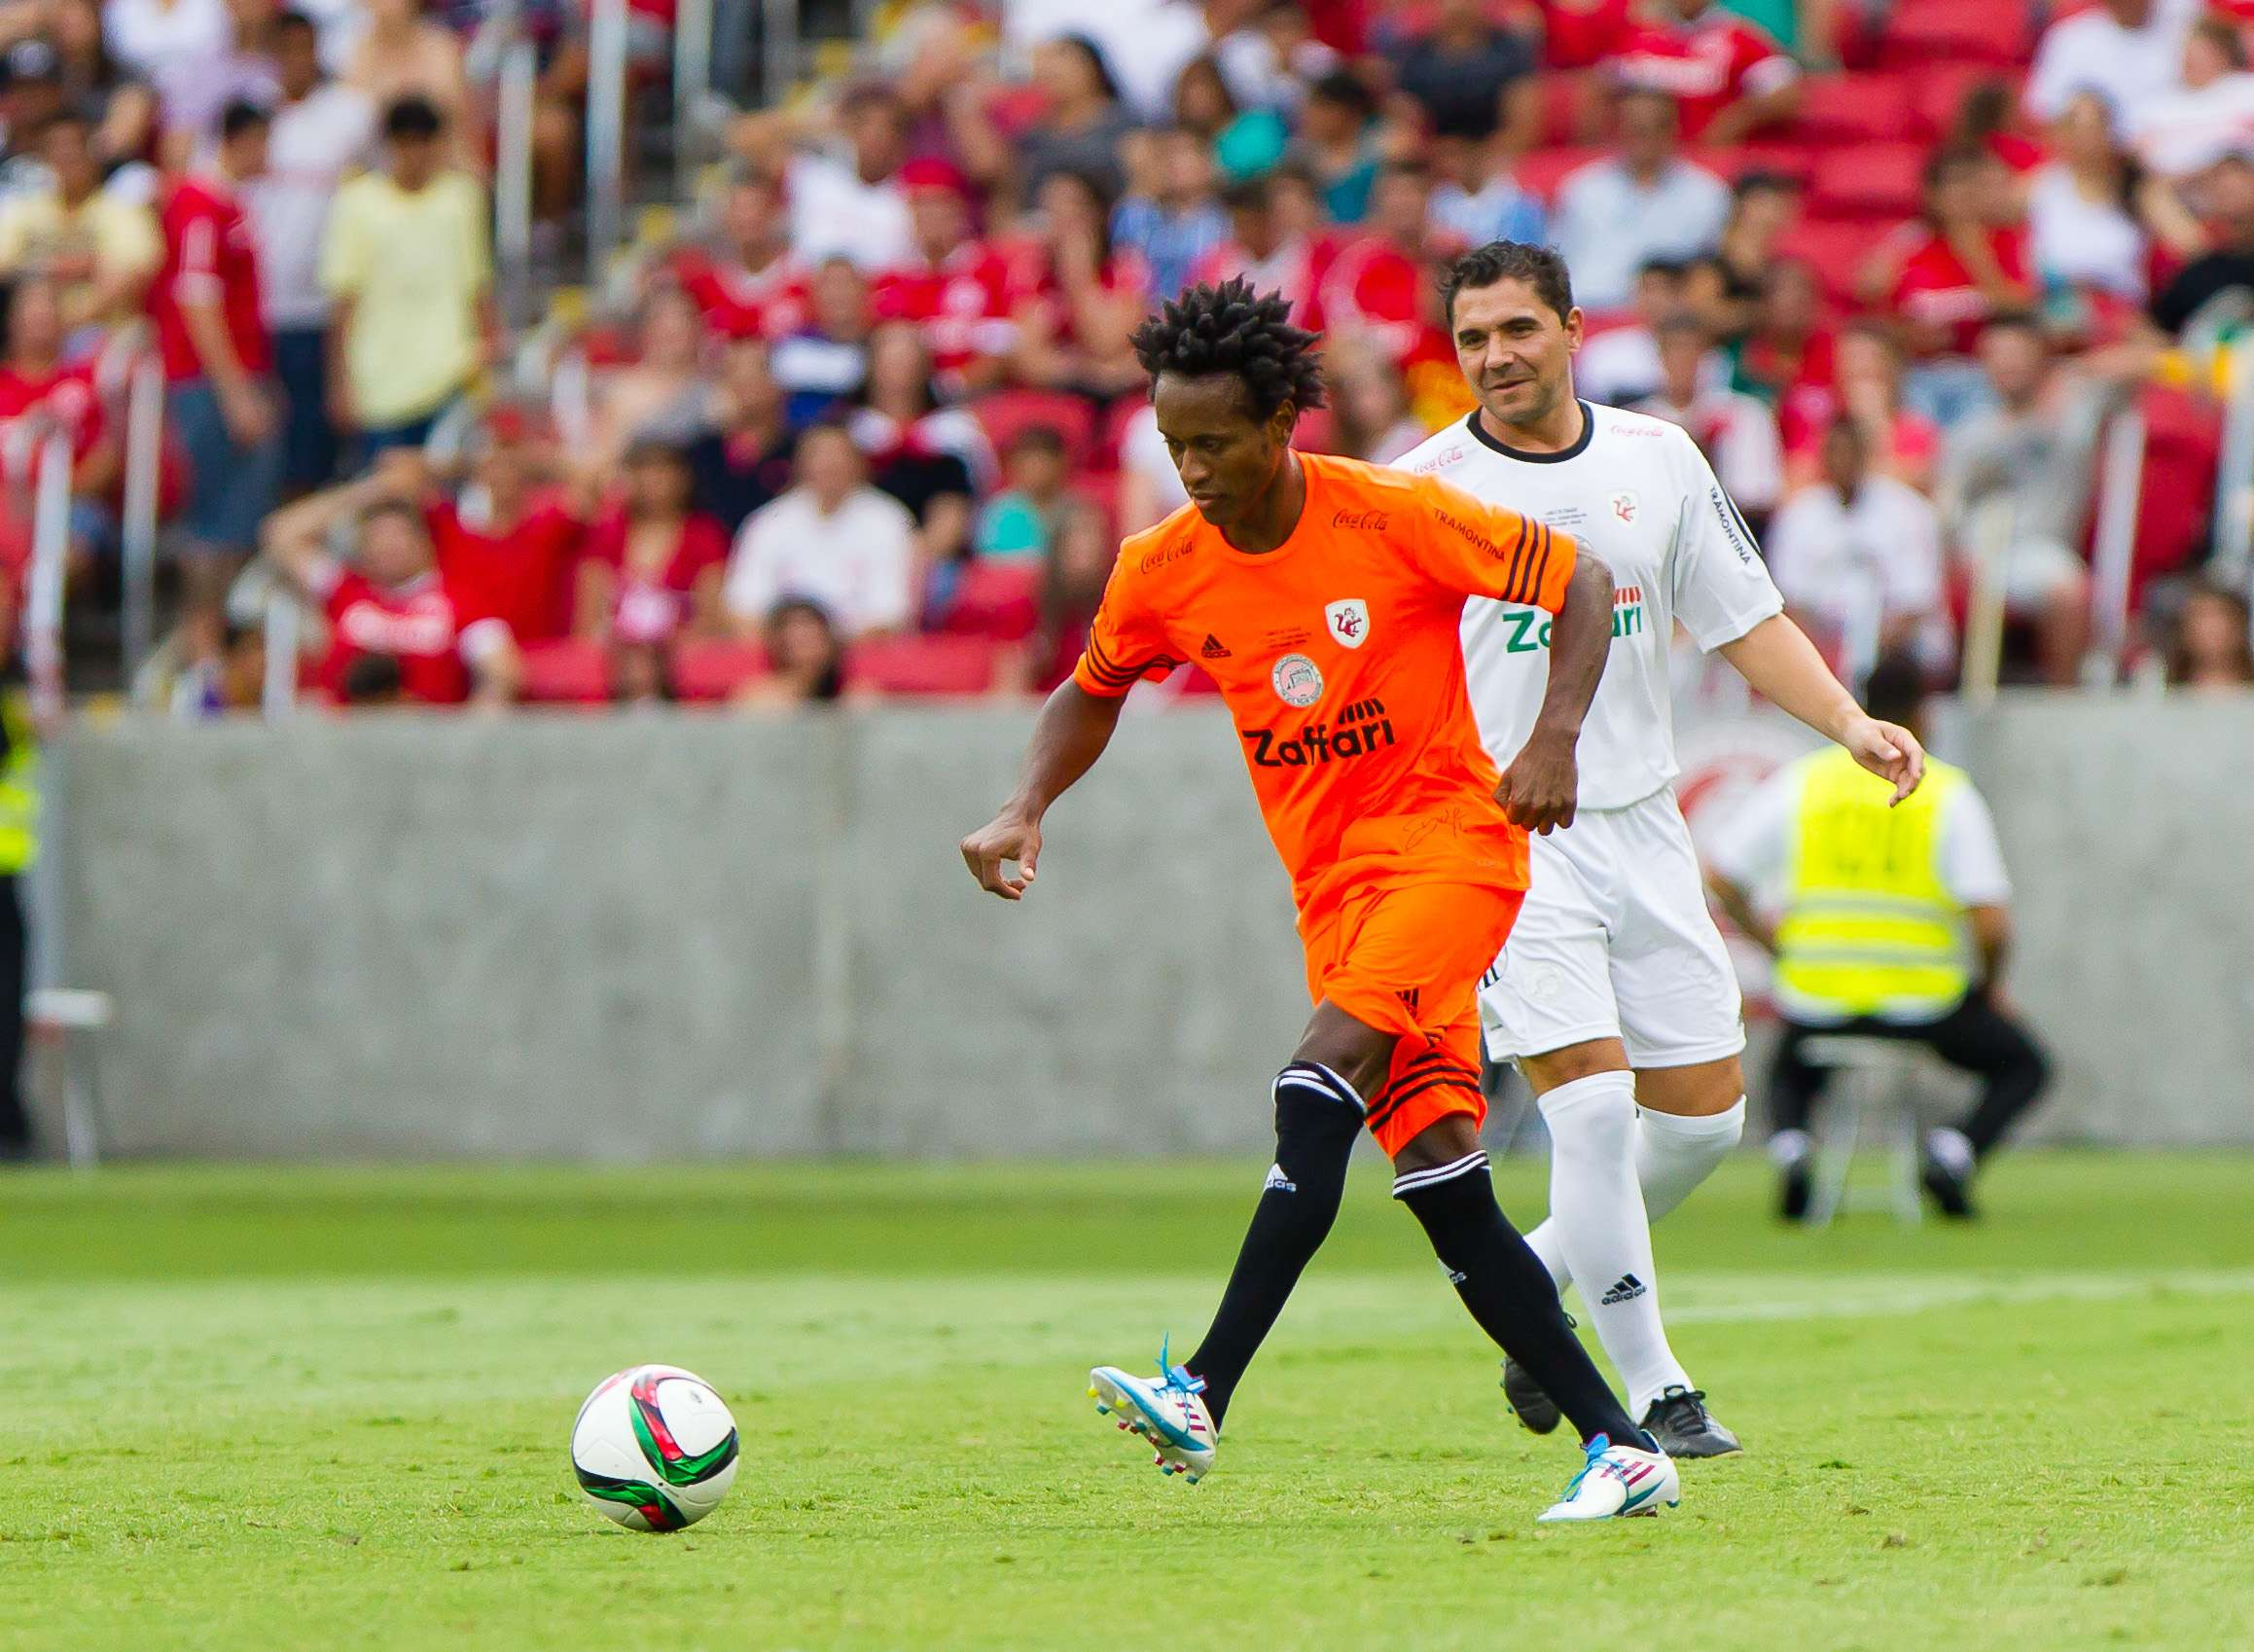 Zé Roberto tem participado de jogos festivos nesse final de ano Foto: Jeferson Guareze/Futura Press